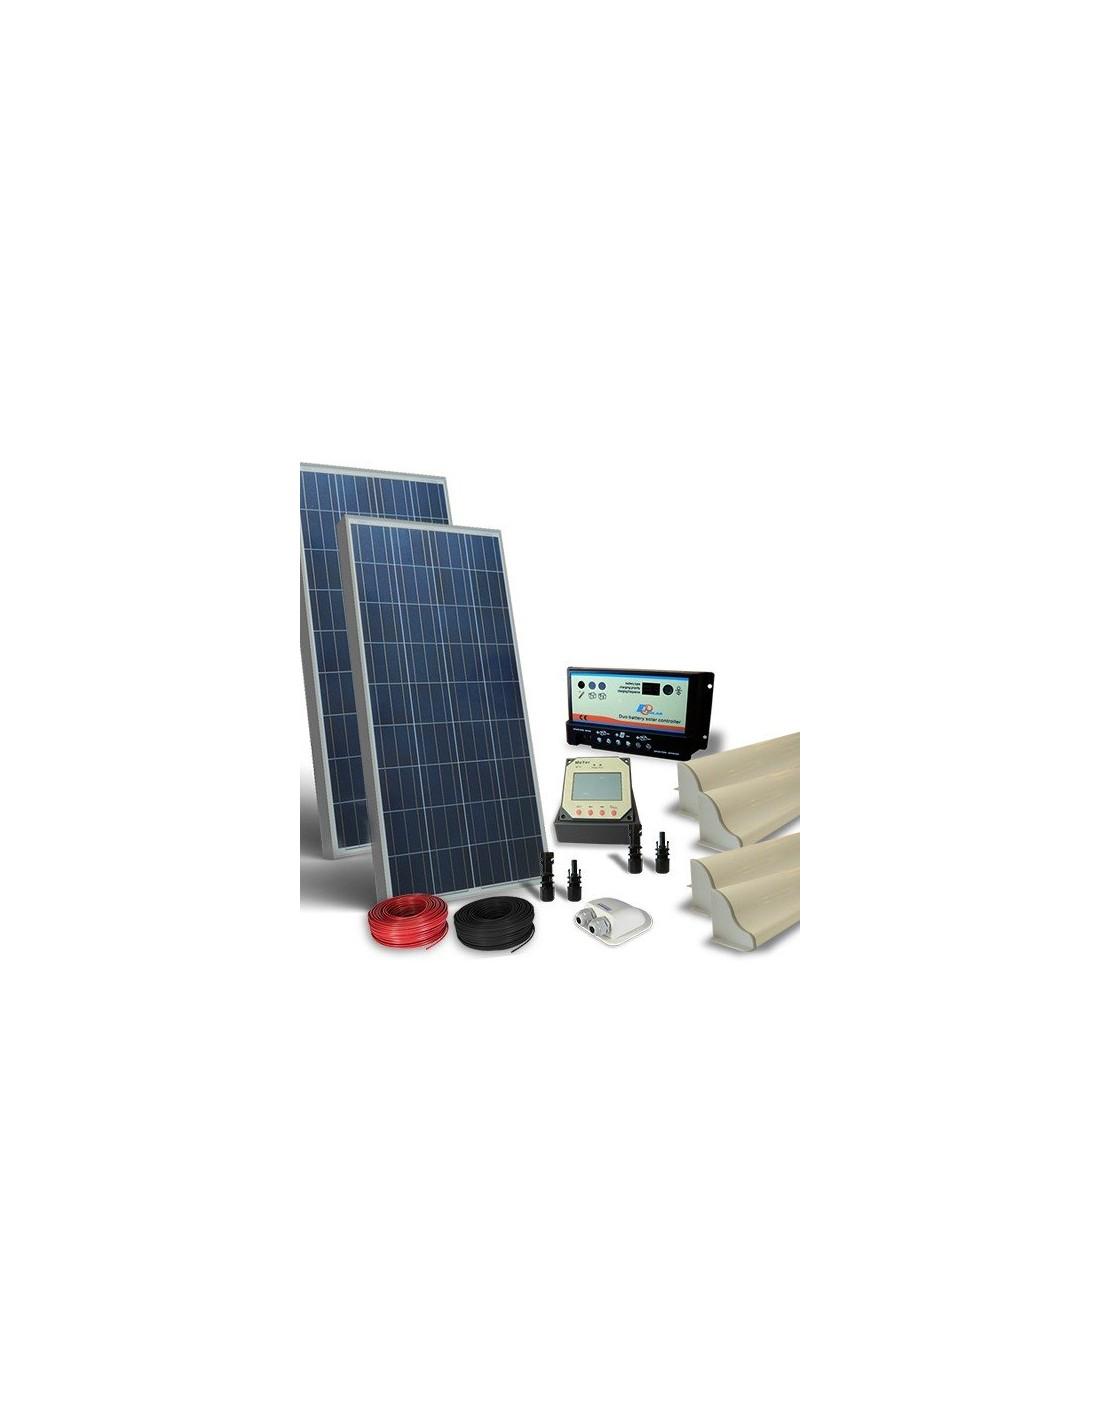 Kit Pannello Solare Roulotte : Kit solare camper w v pro pannello fotovoltaico